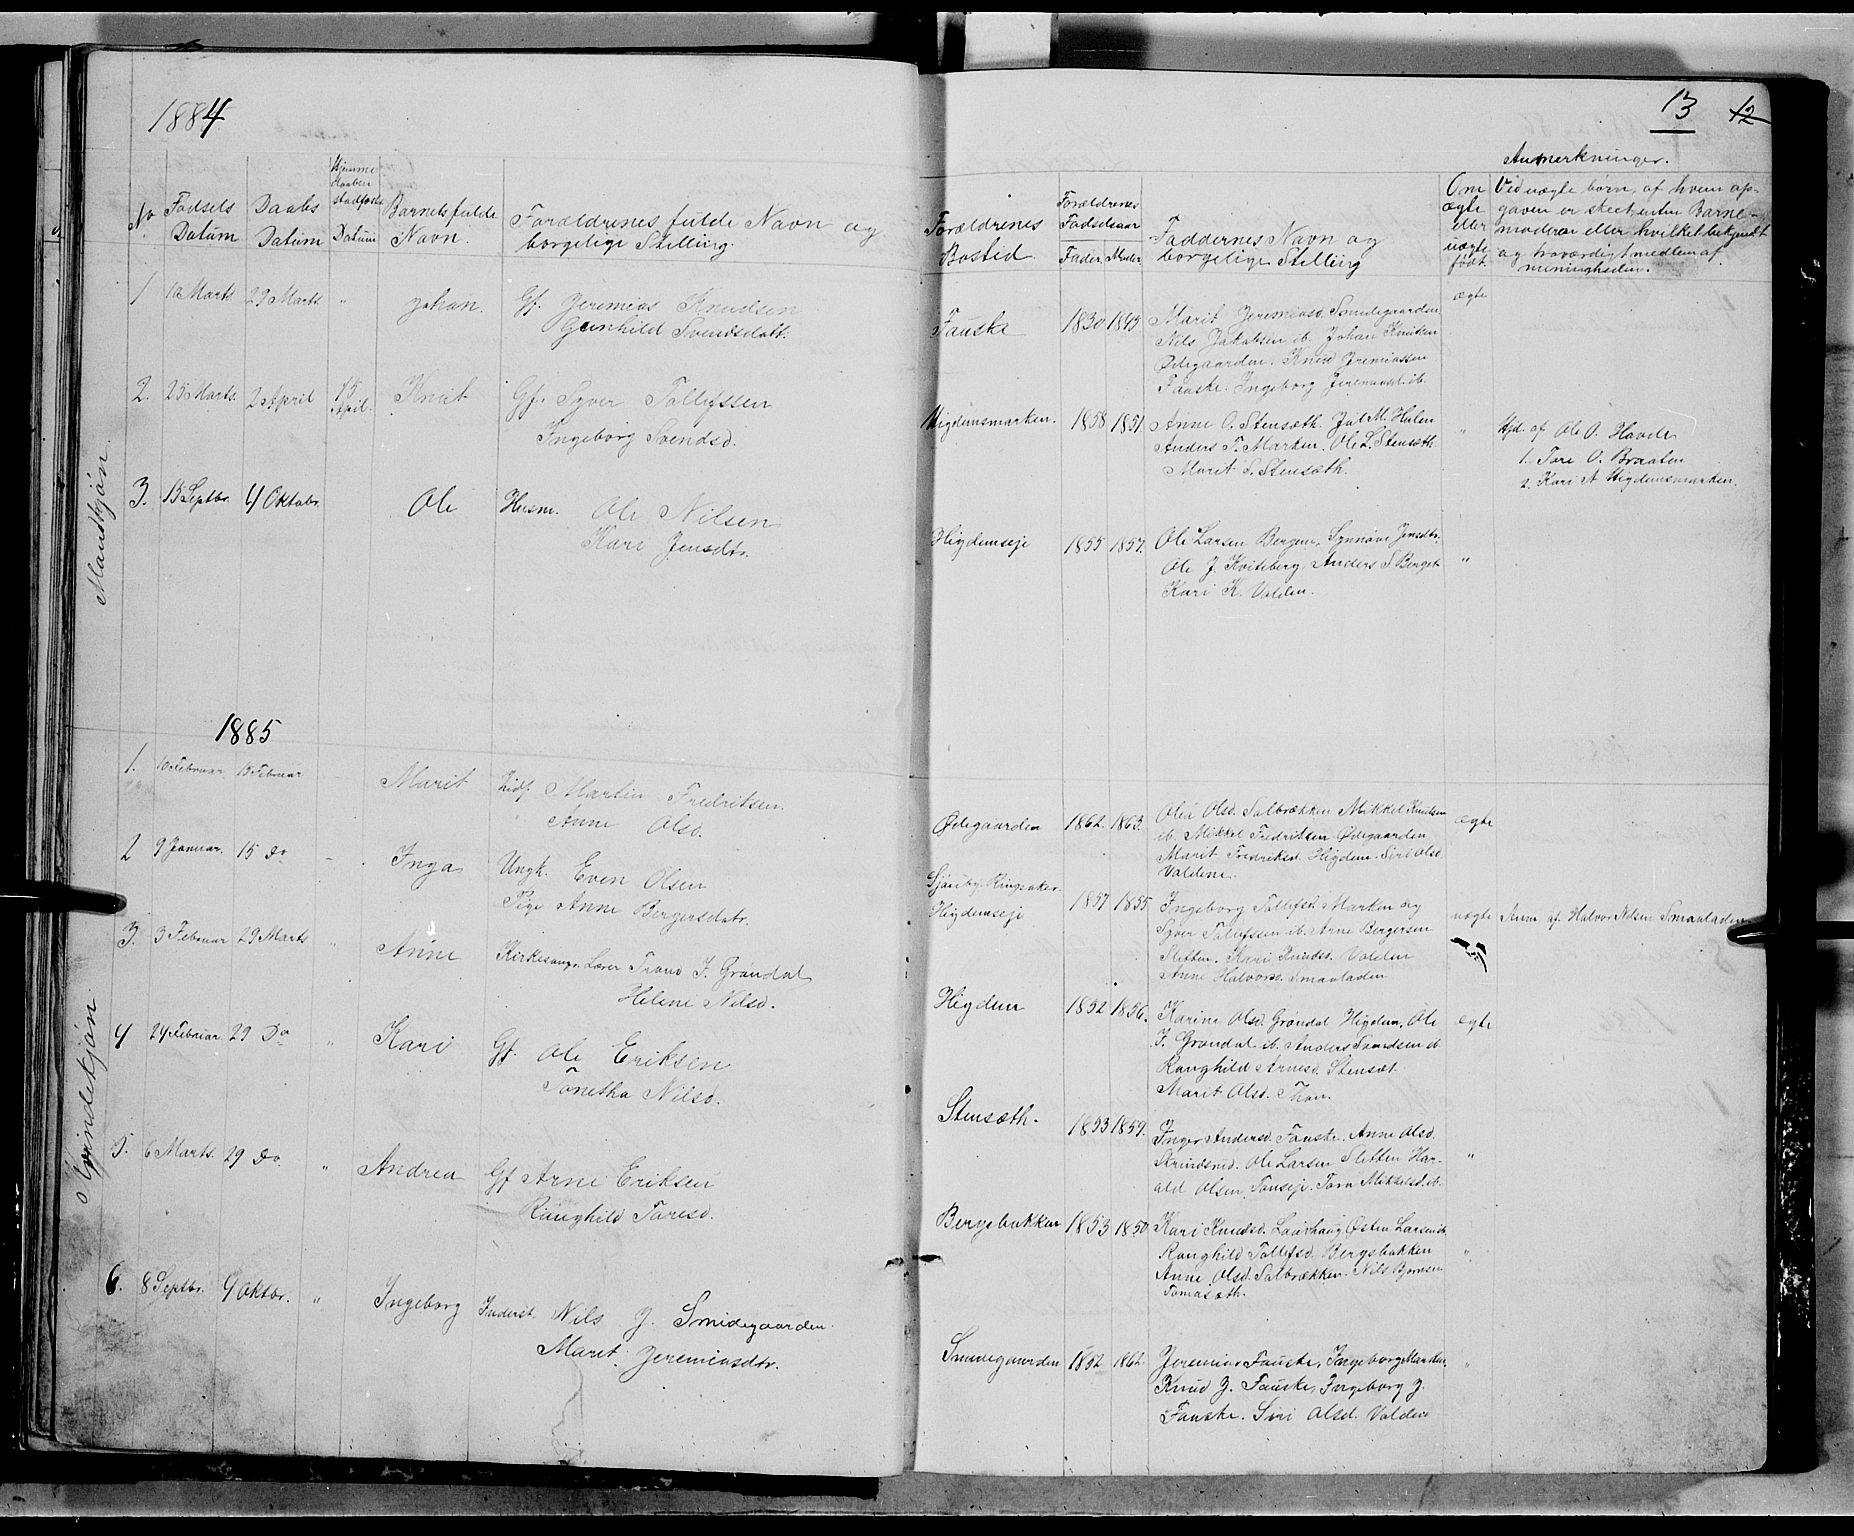 SAH, Nord-Aurdal prestekontor, Klokkerbok nr. 5, 1876-1895, s. 13